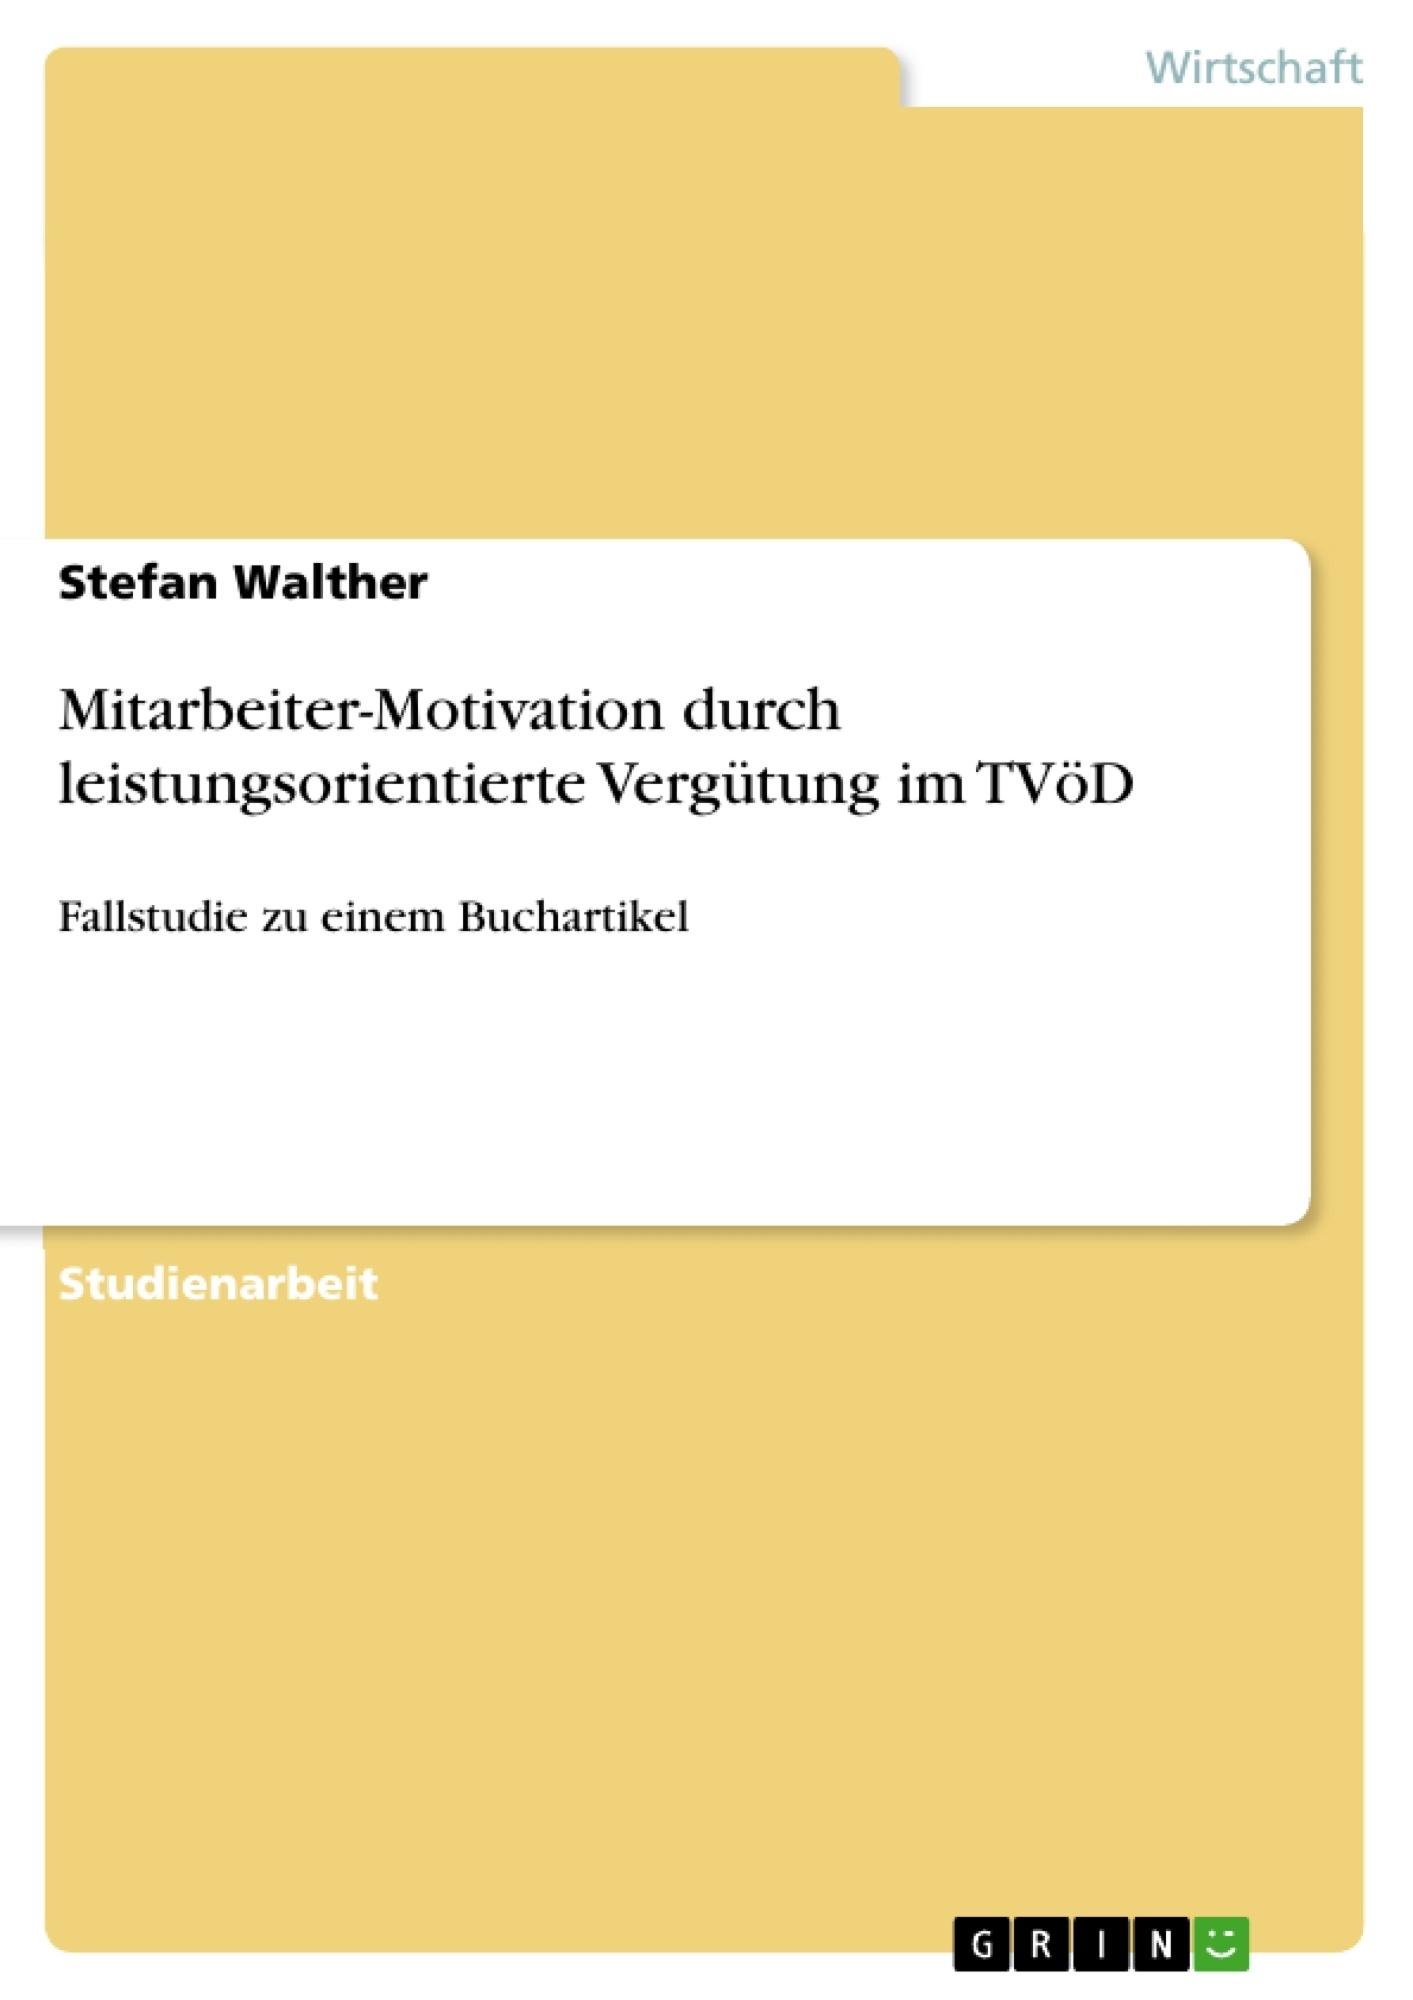 Titel: Mitarbeiter-Motivation durch leistungsorientierte Vergütung im TVöD